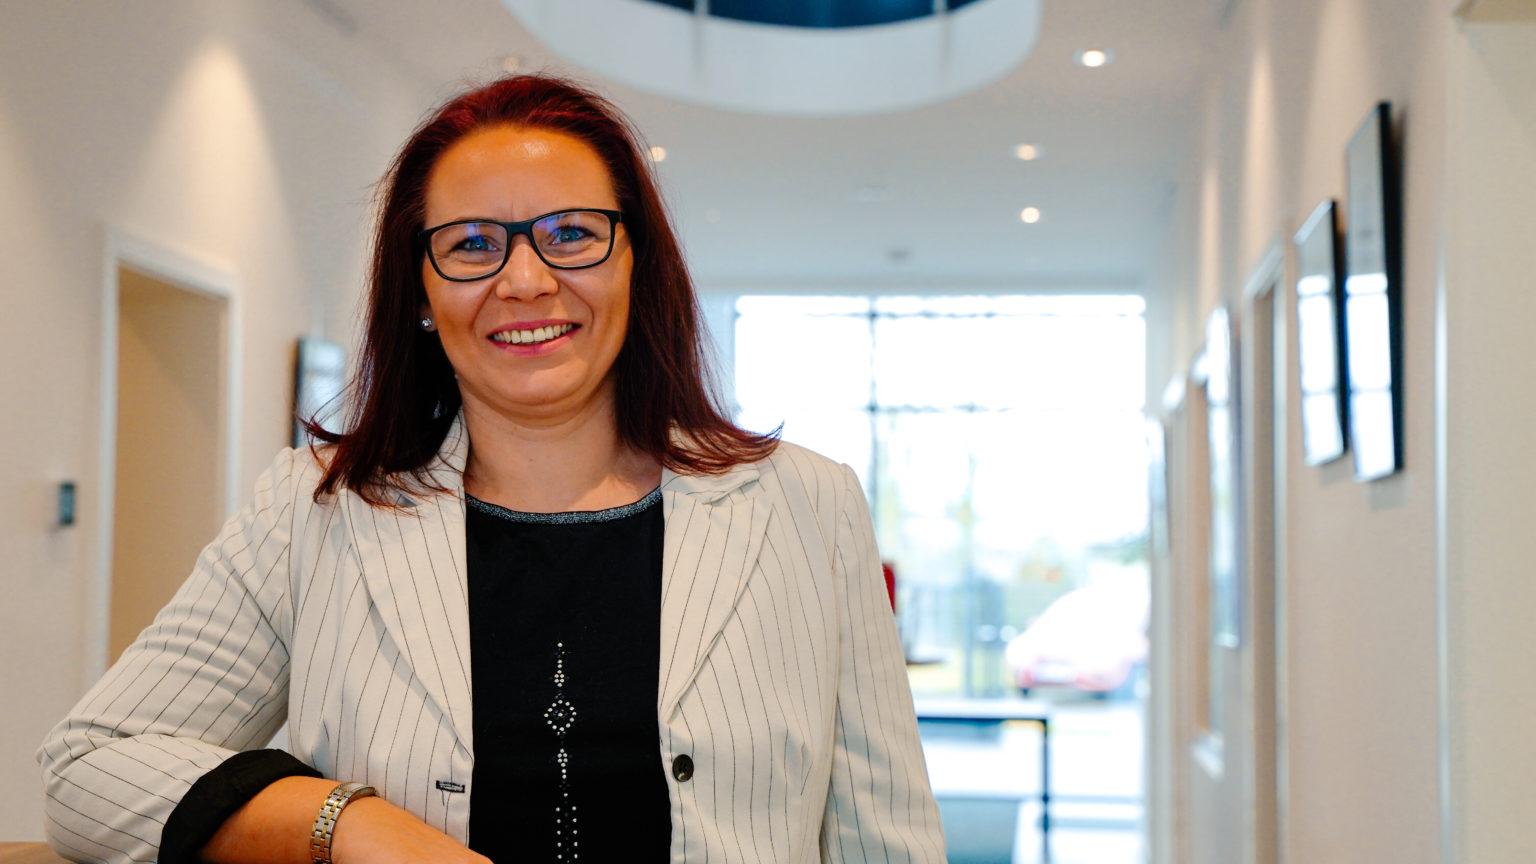 Karriere - Hubl & Partner Steuerberatungsgesellschaft mbB in Alfter